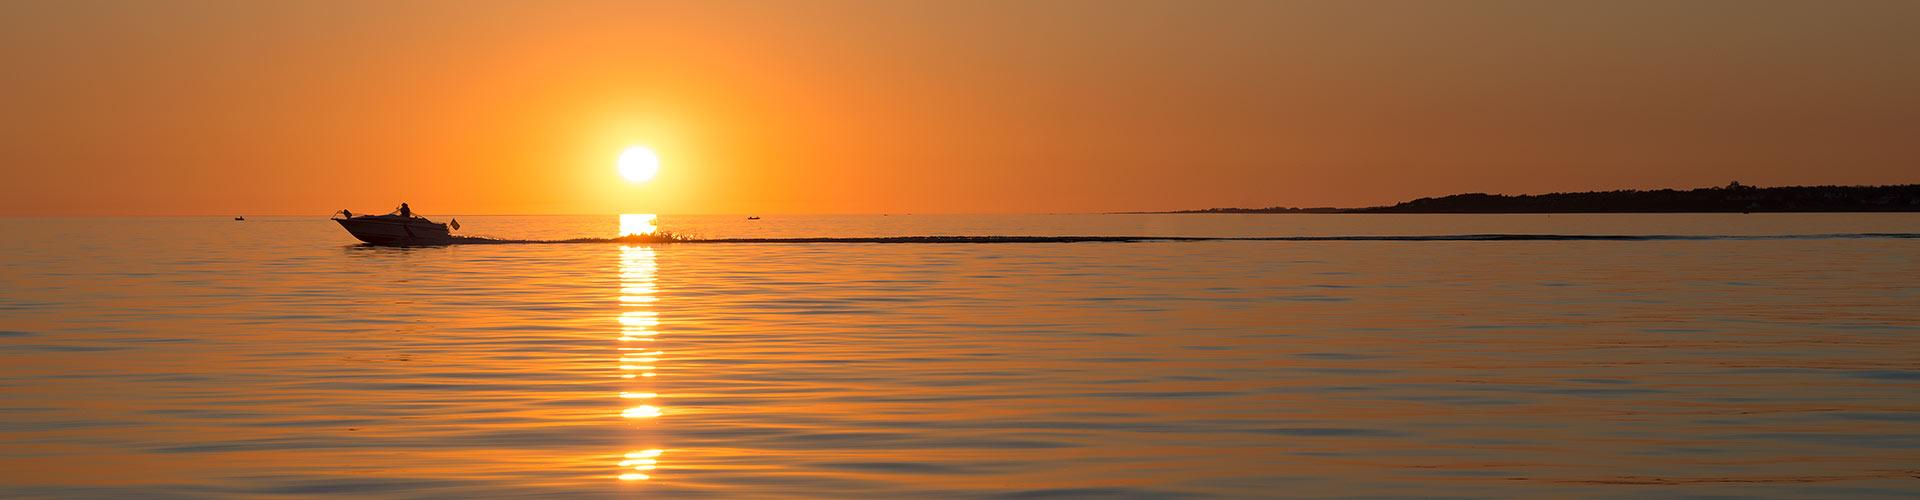 Solnedgång Skälderviken